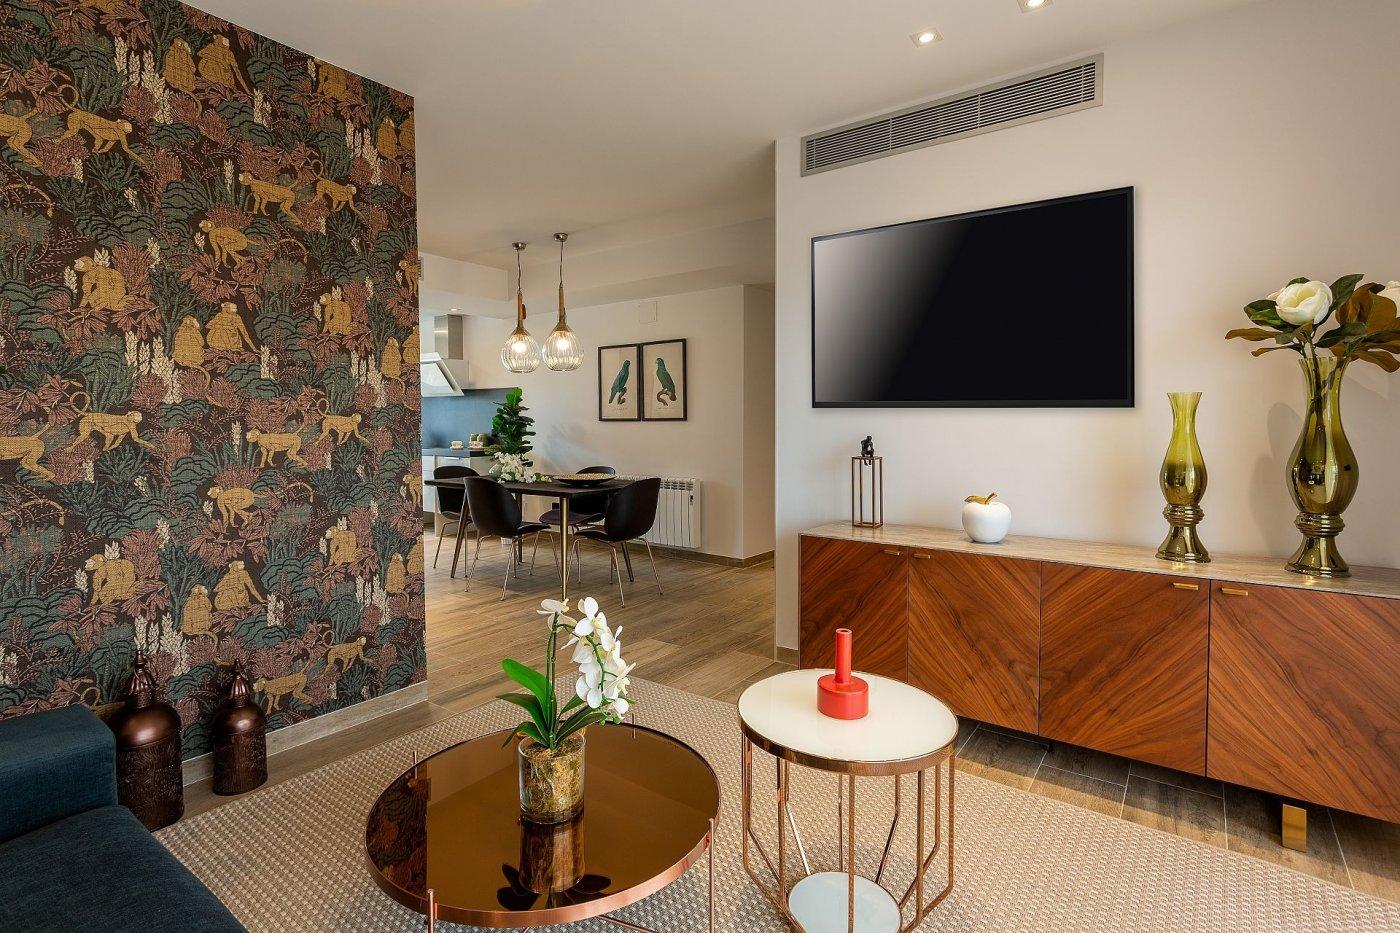 Complejo residencial de obra nueva en punta prima - imagenInmueble6